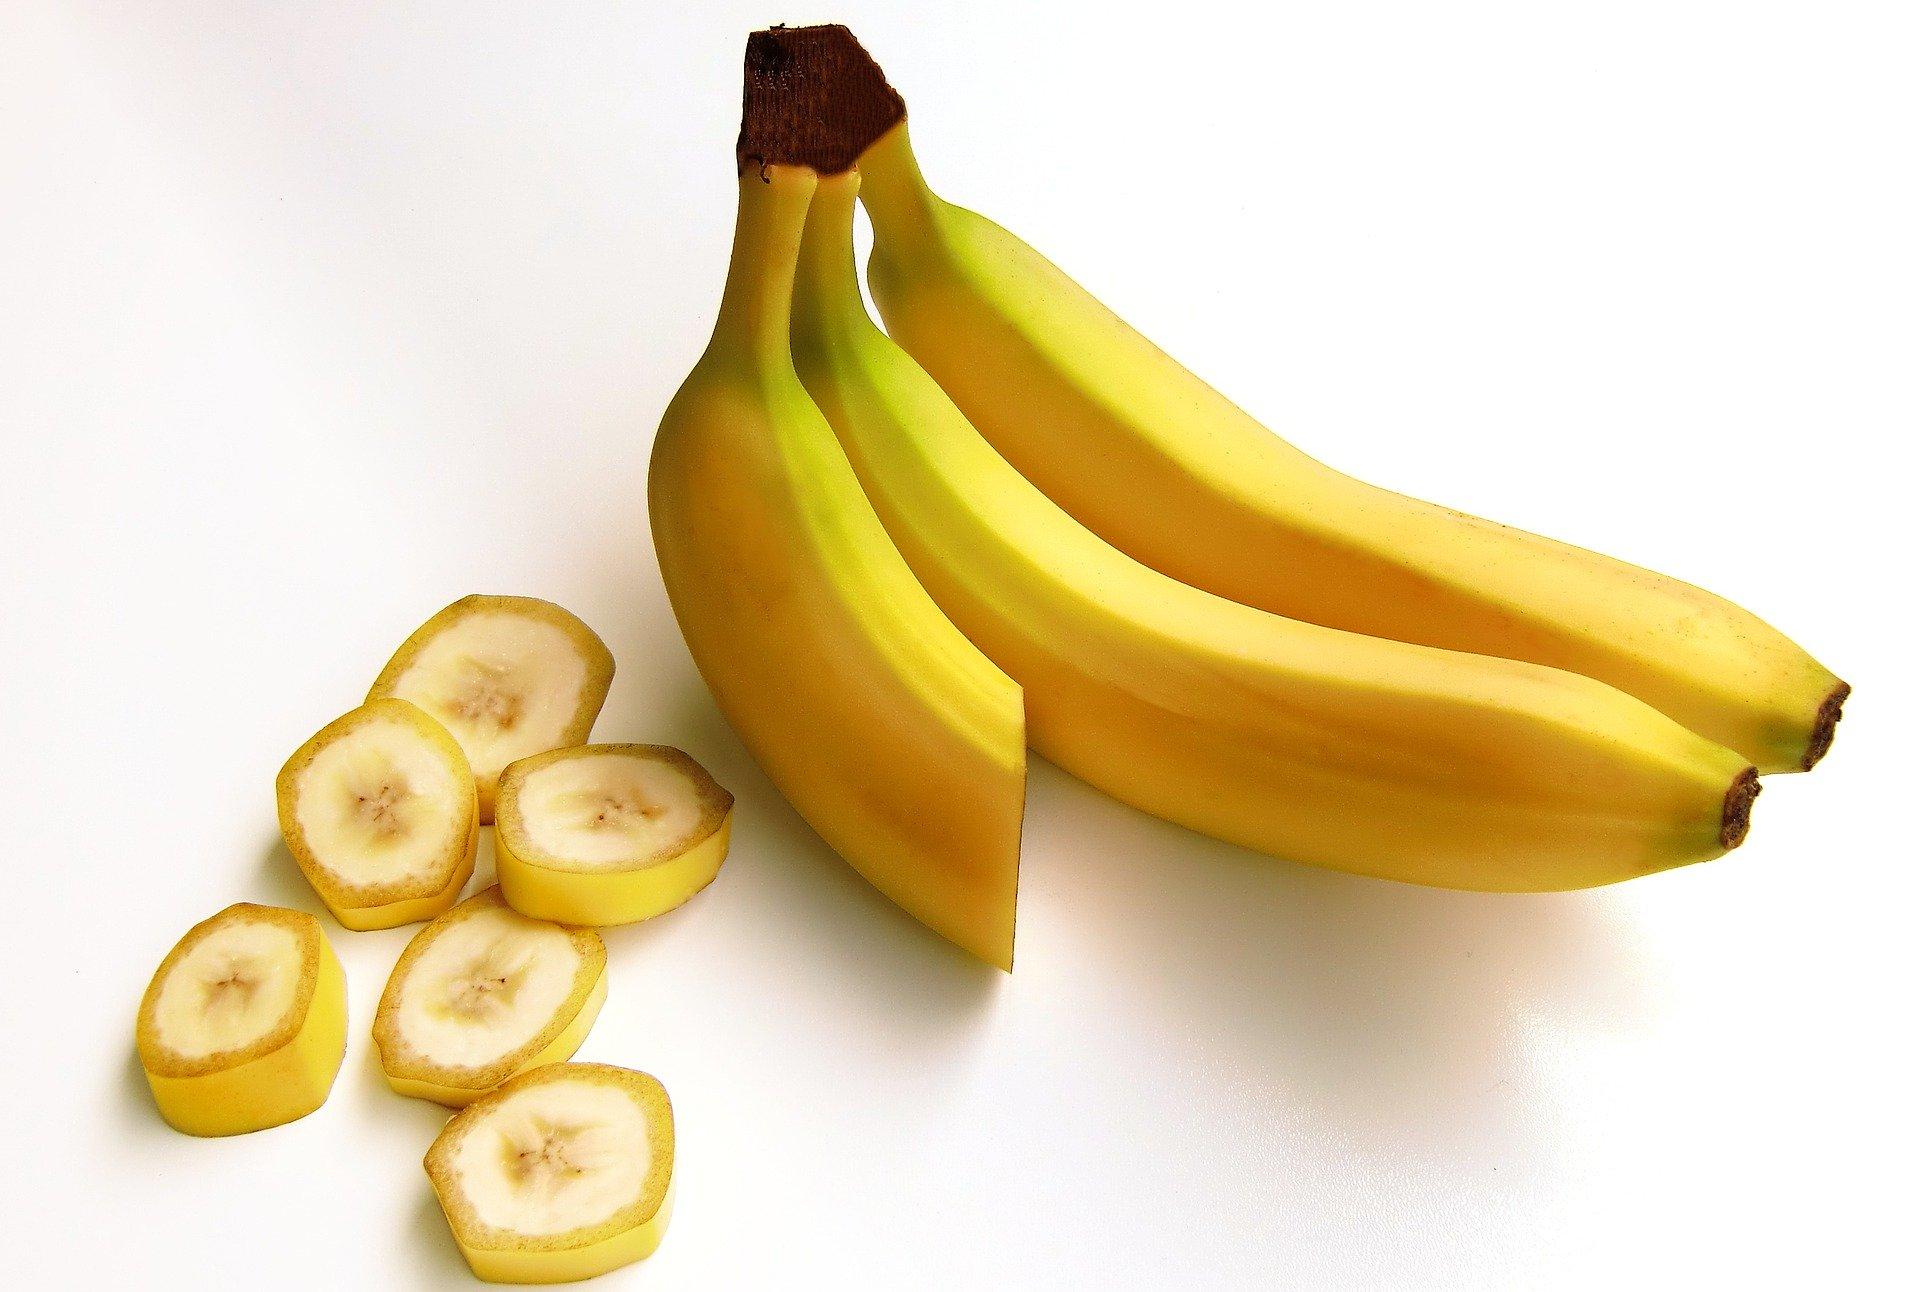 花粉症対策2021 ZIPで紹介! 注目の酢酸菌が摂れる黒酢バナナのレシピと摂り方のコツ